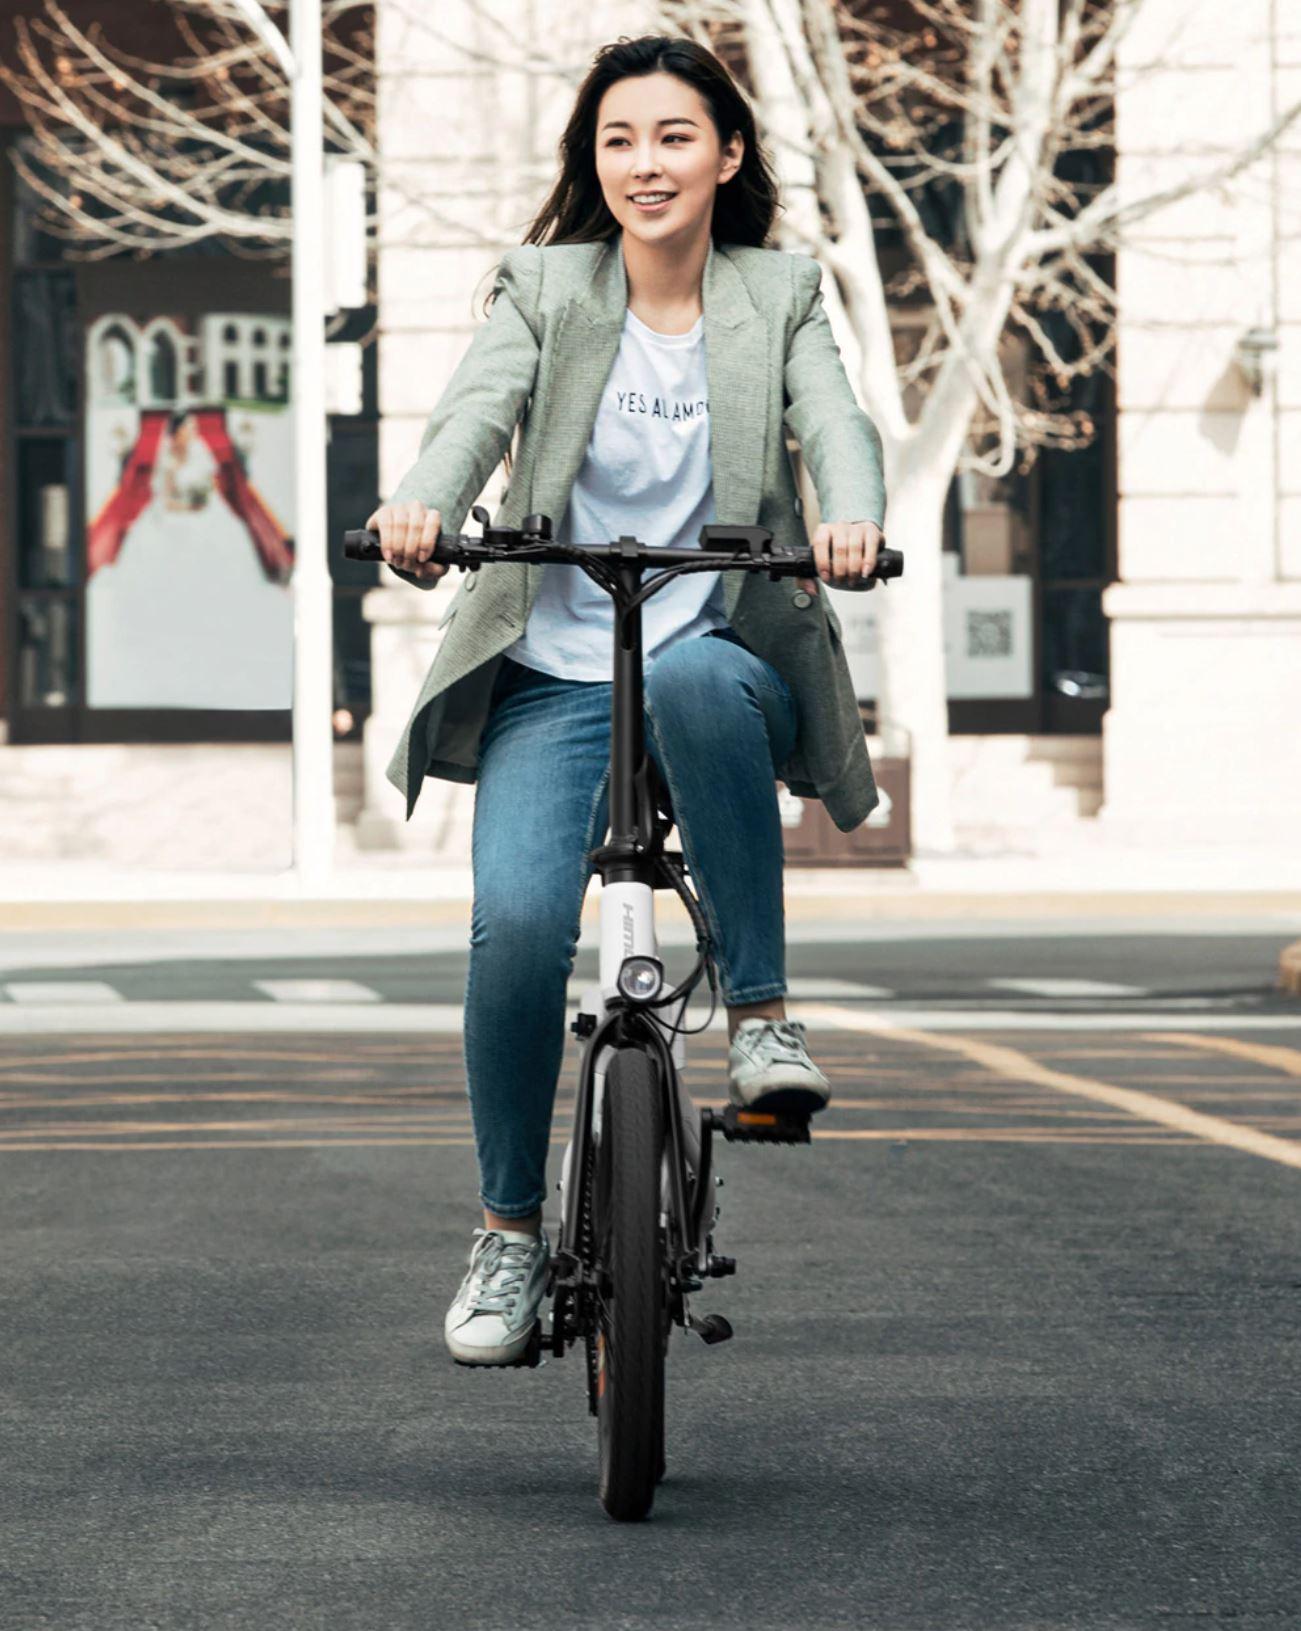 Pojazdy elektryczne z Aliexpress - rowery i hulajnogi elektryczne - HIMO Z20